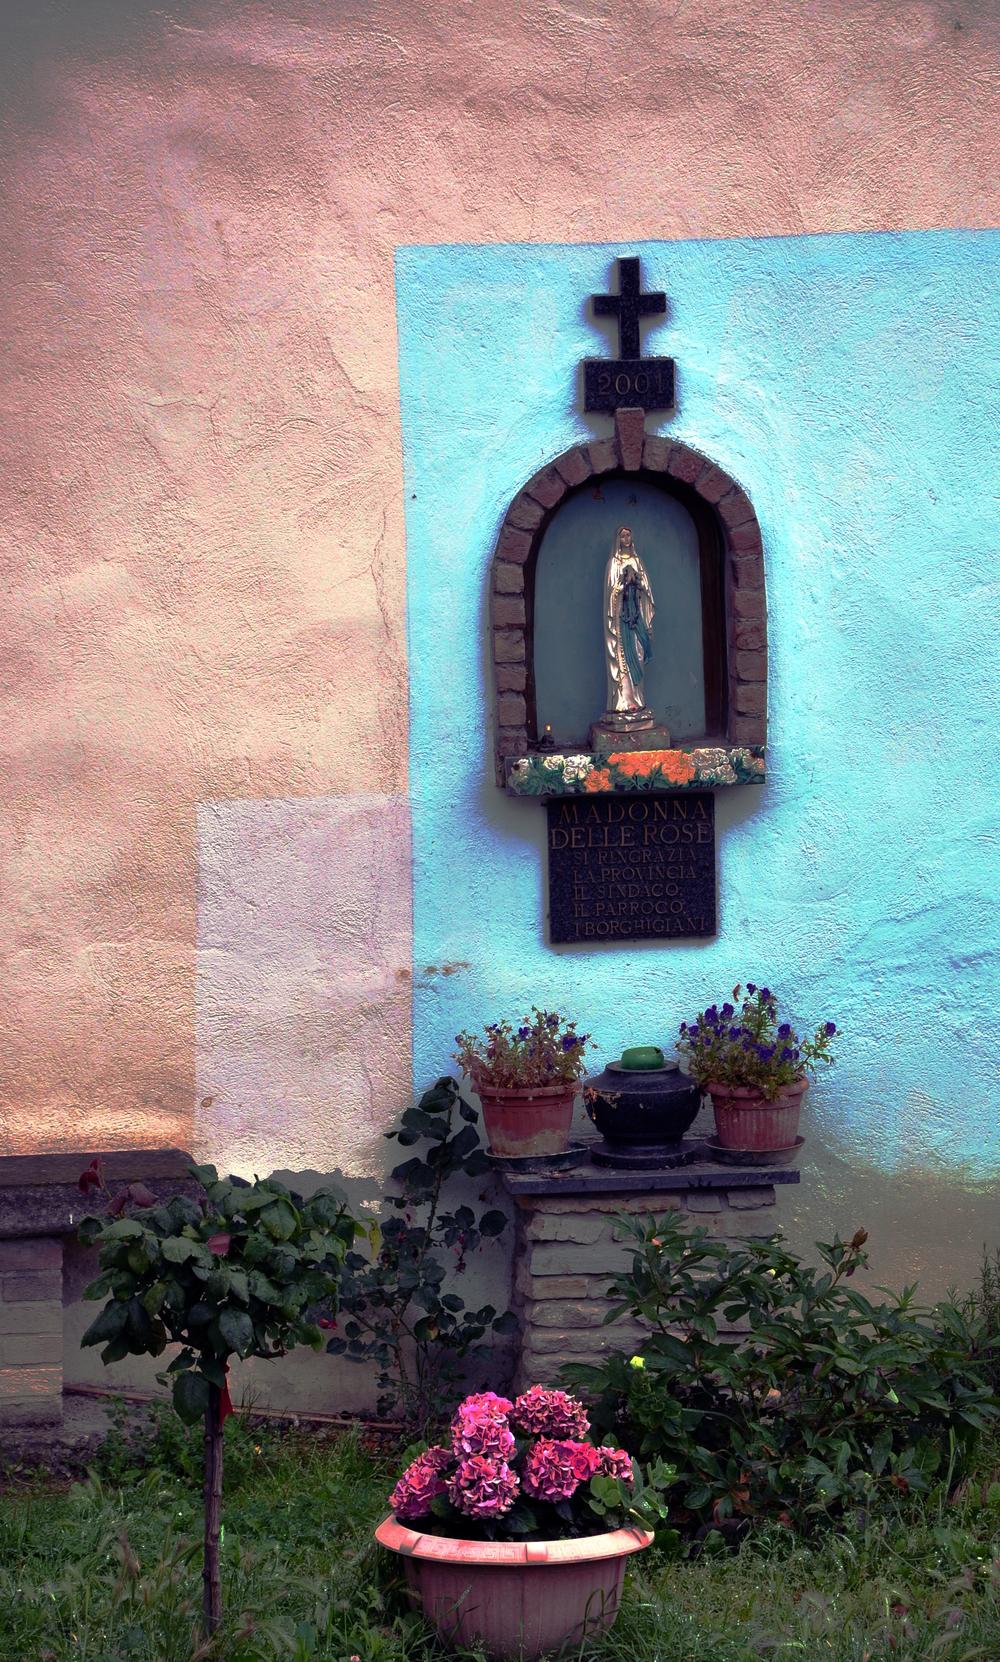 Madonna Delle Rose, Castiglione Tinella